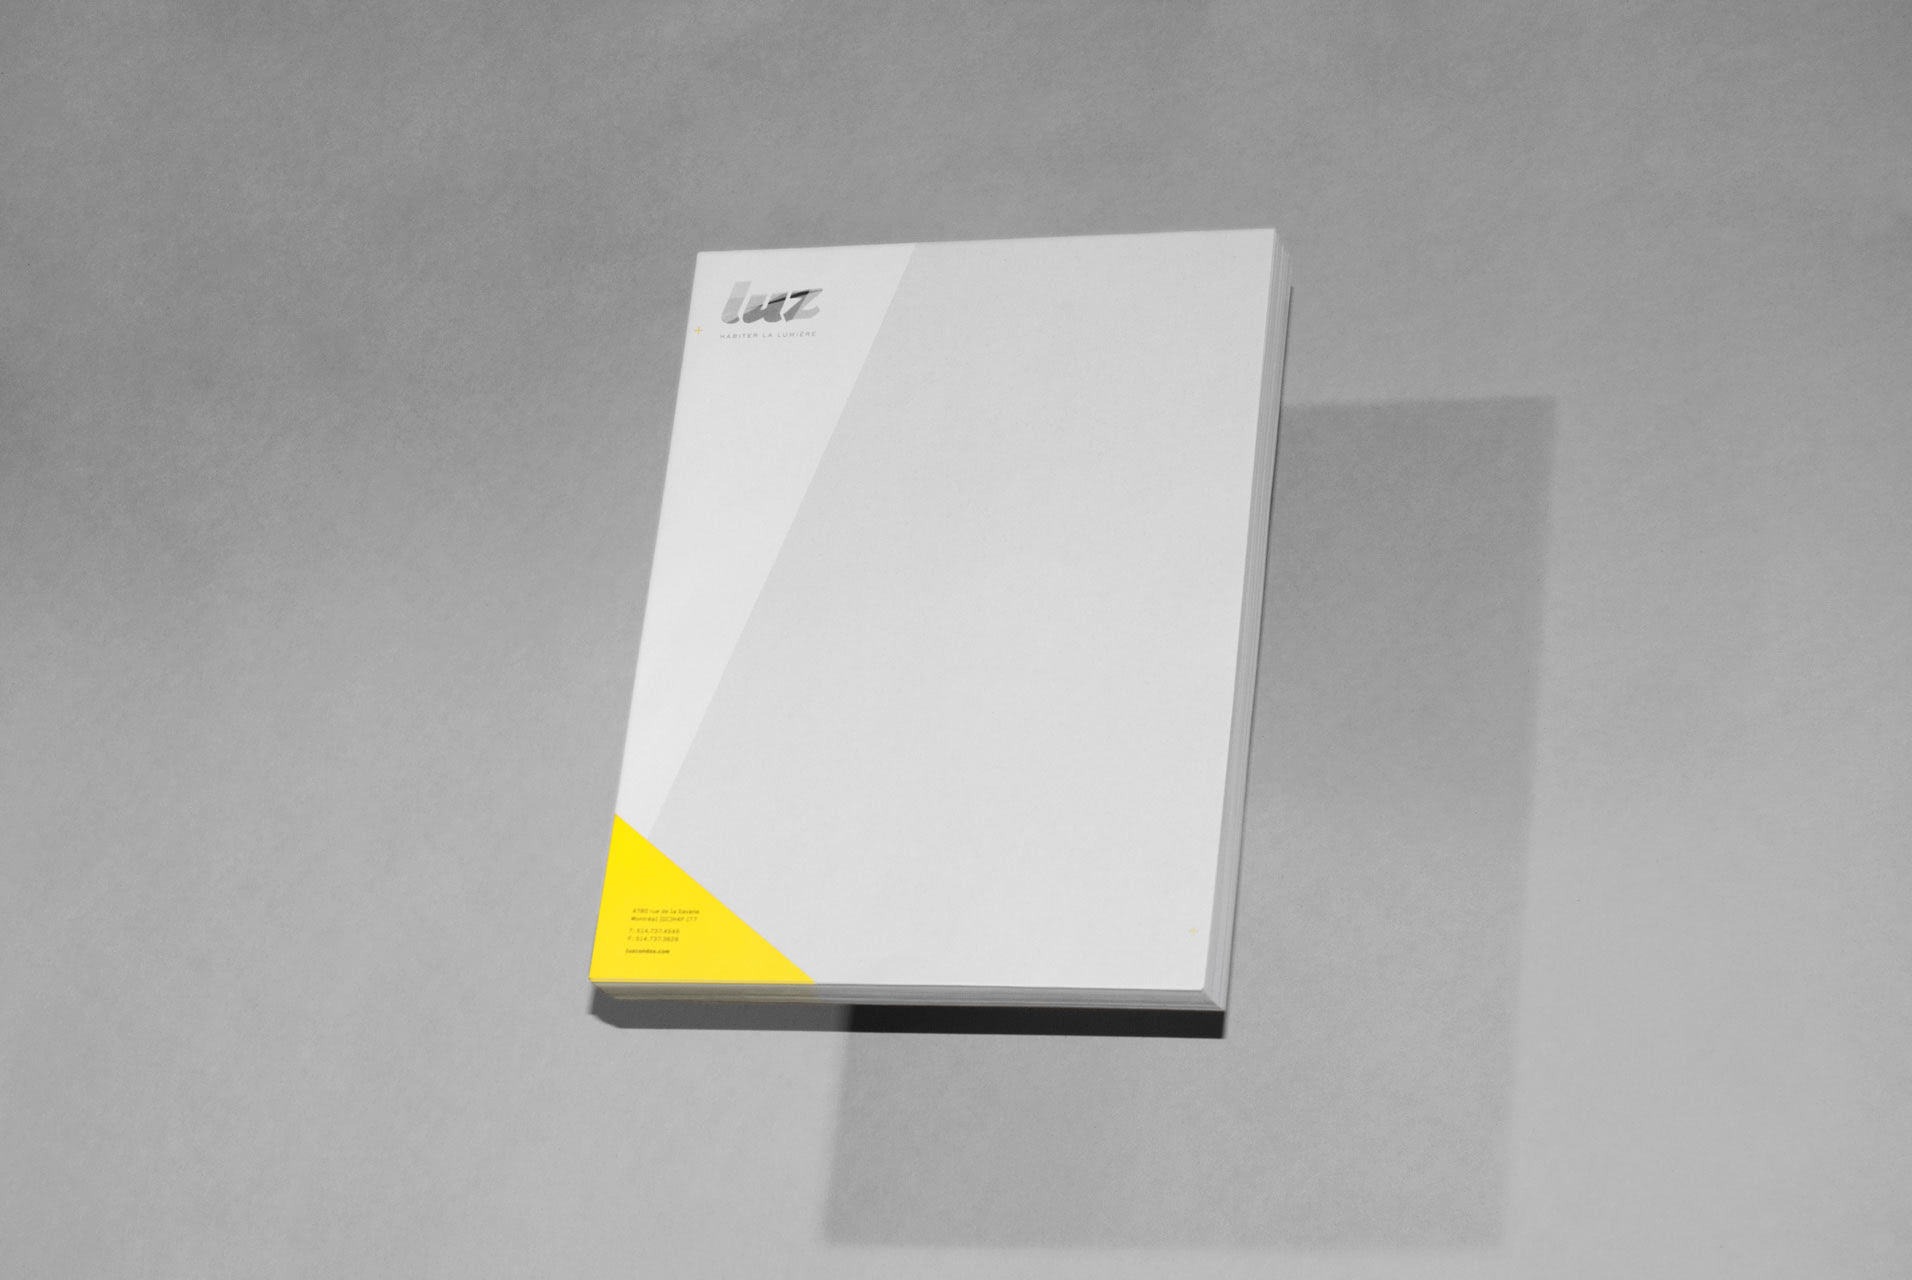 3dv-luz-papeterie-DSC_1521